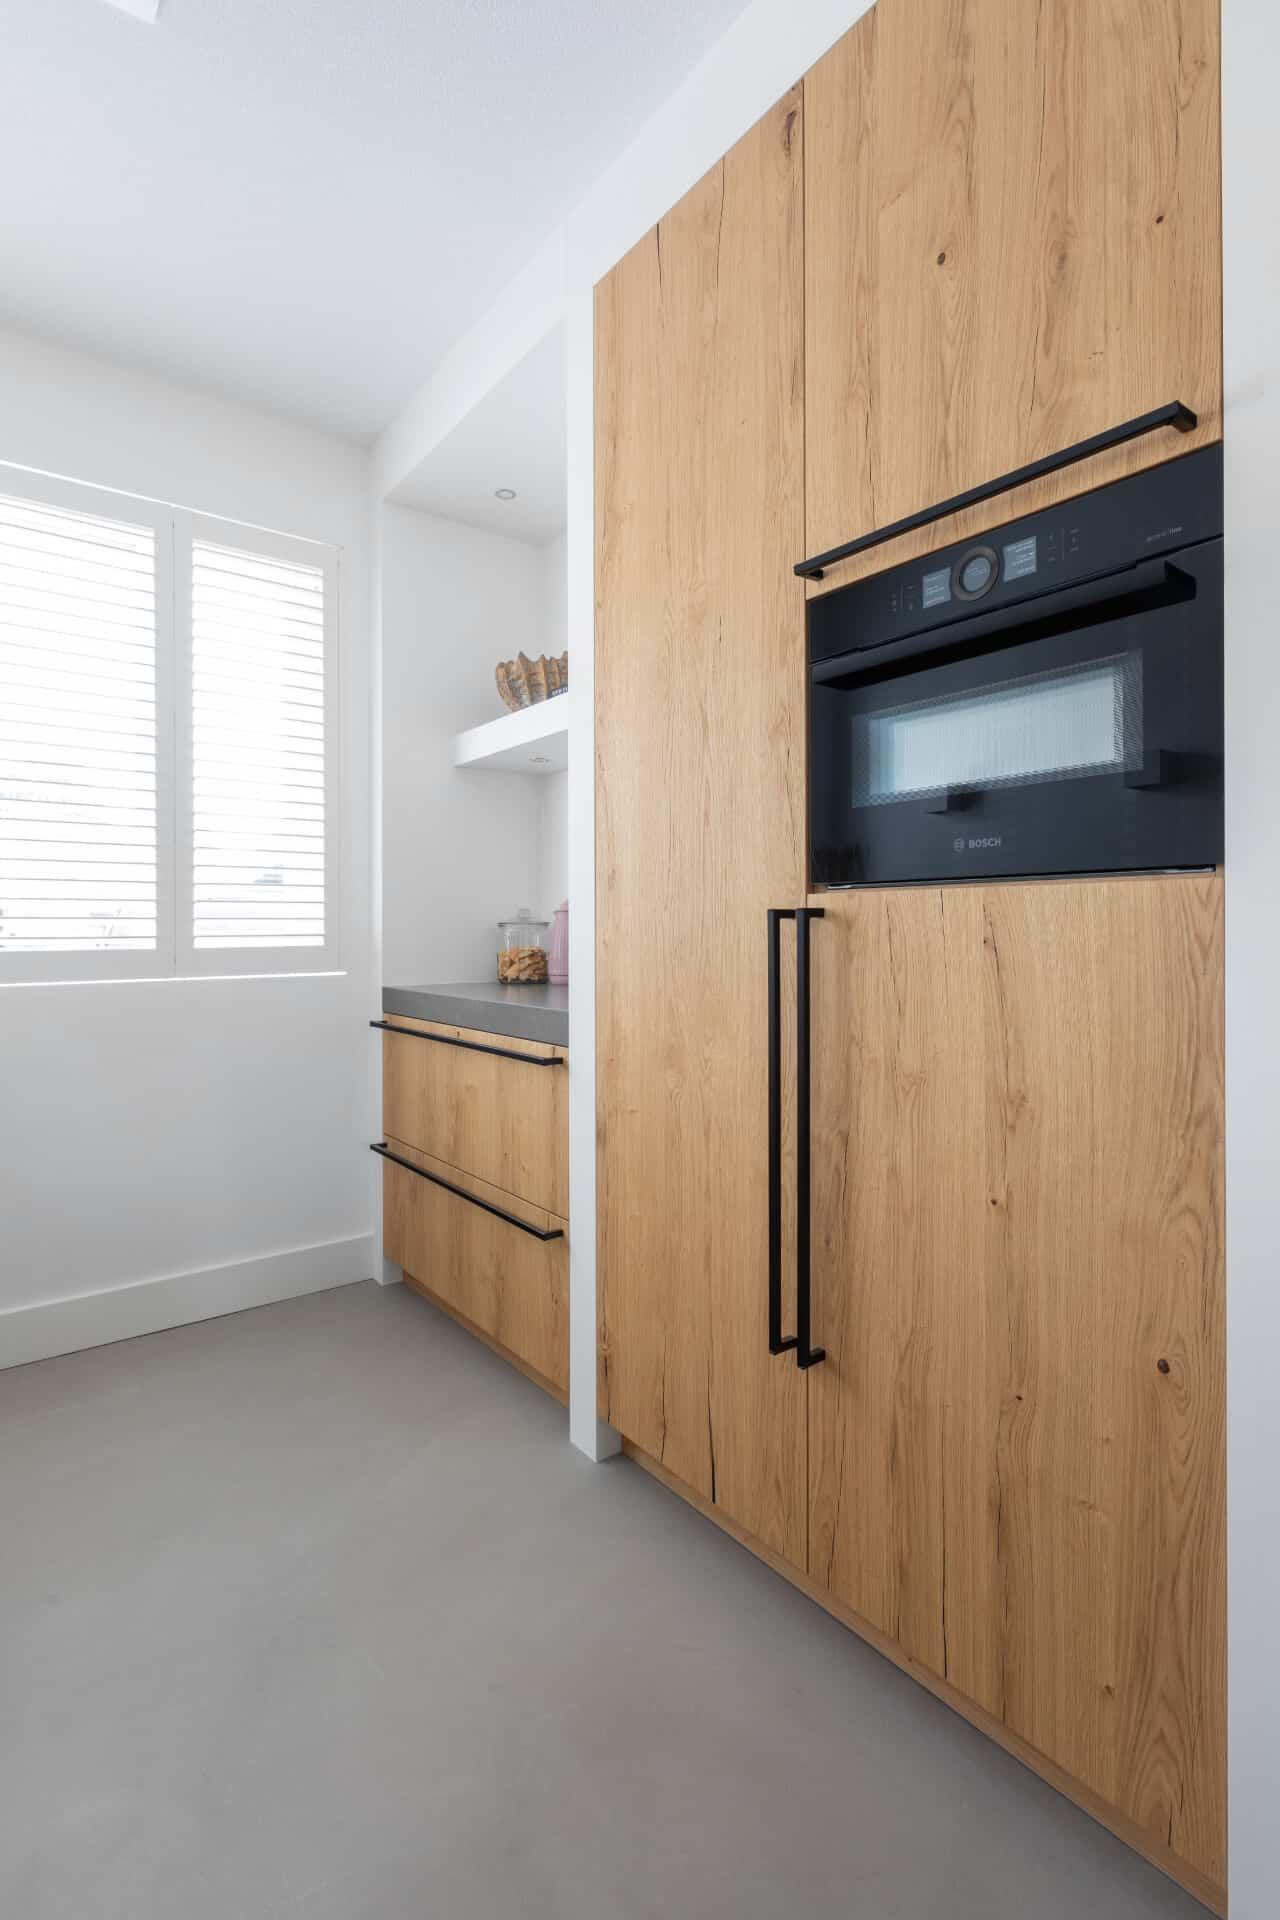 Robuuste Houten Keuken Met Bosch Apparatuur Van Ginkel Keukens Barneveld